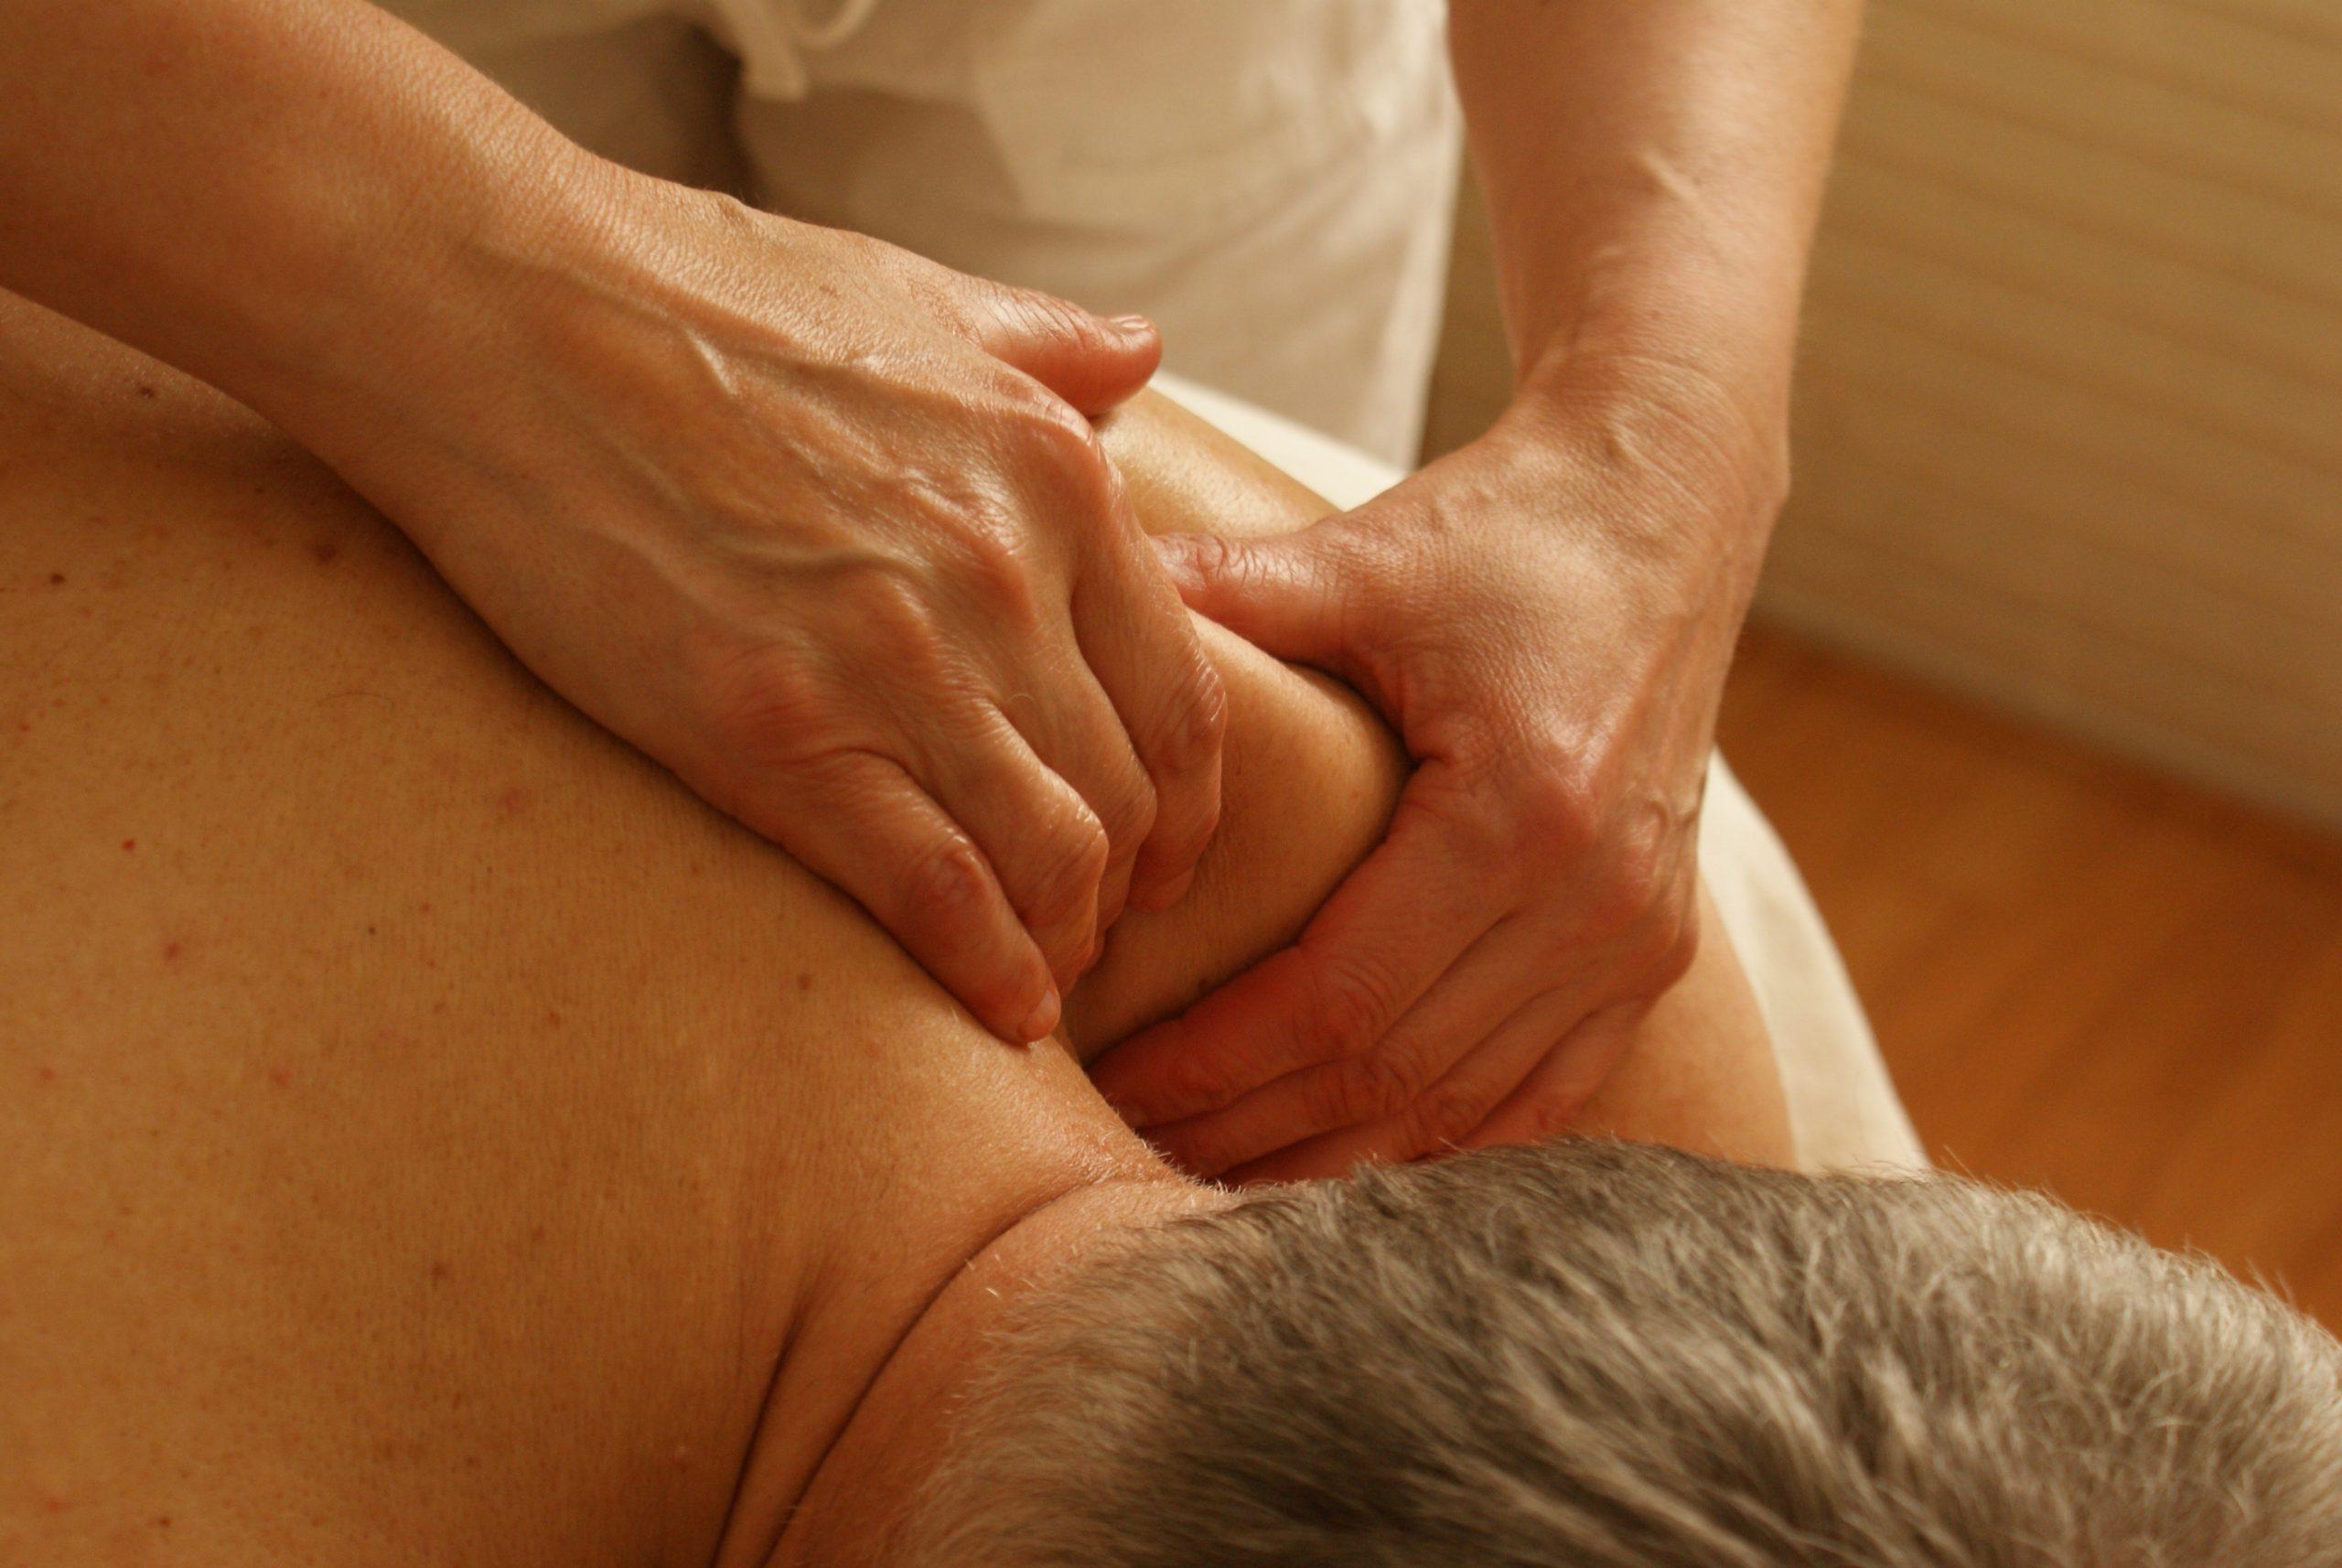 Foto de um home deitado de bruços, com mãos femininas massageando seu ombro.